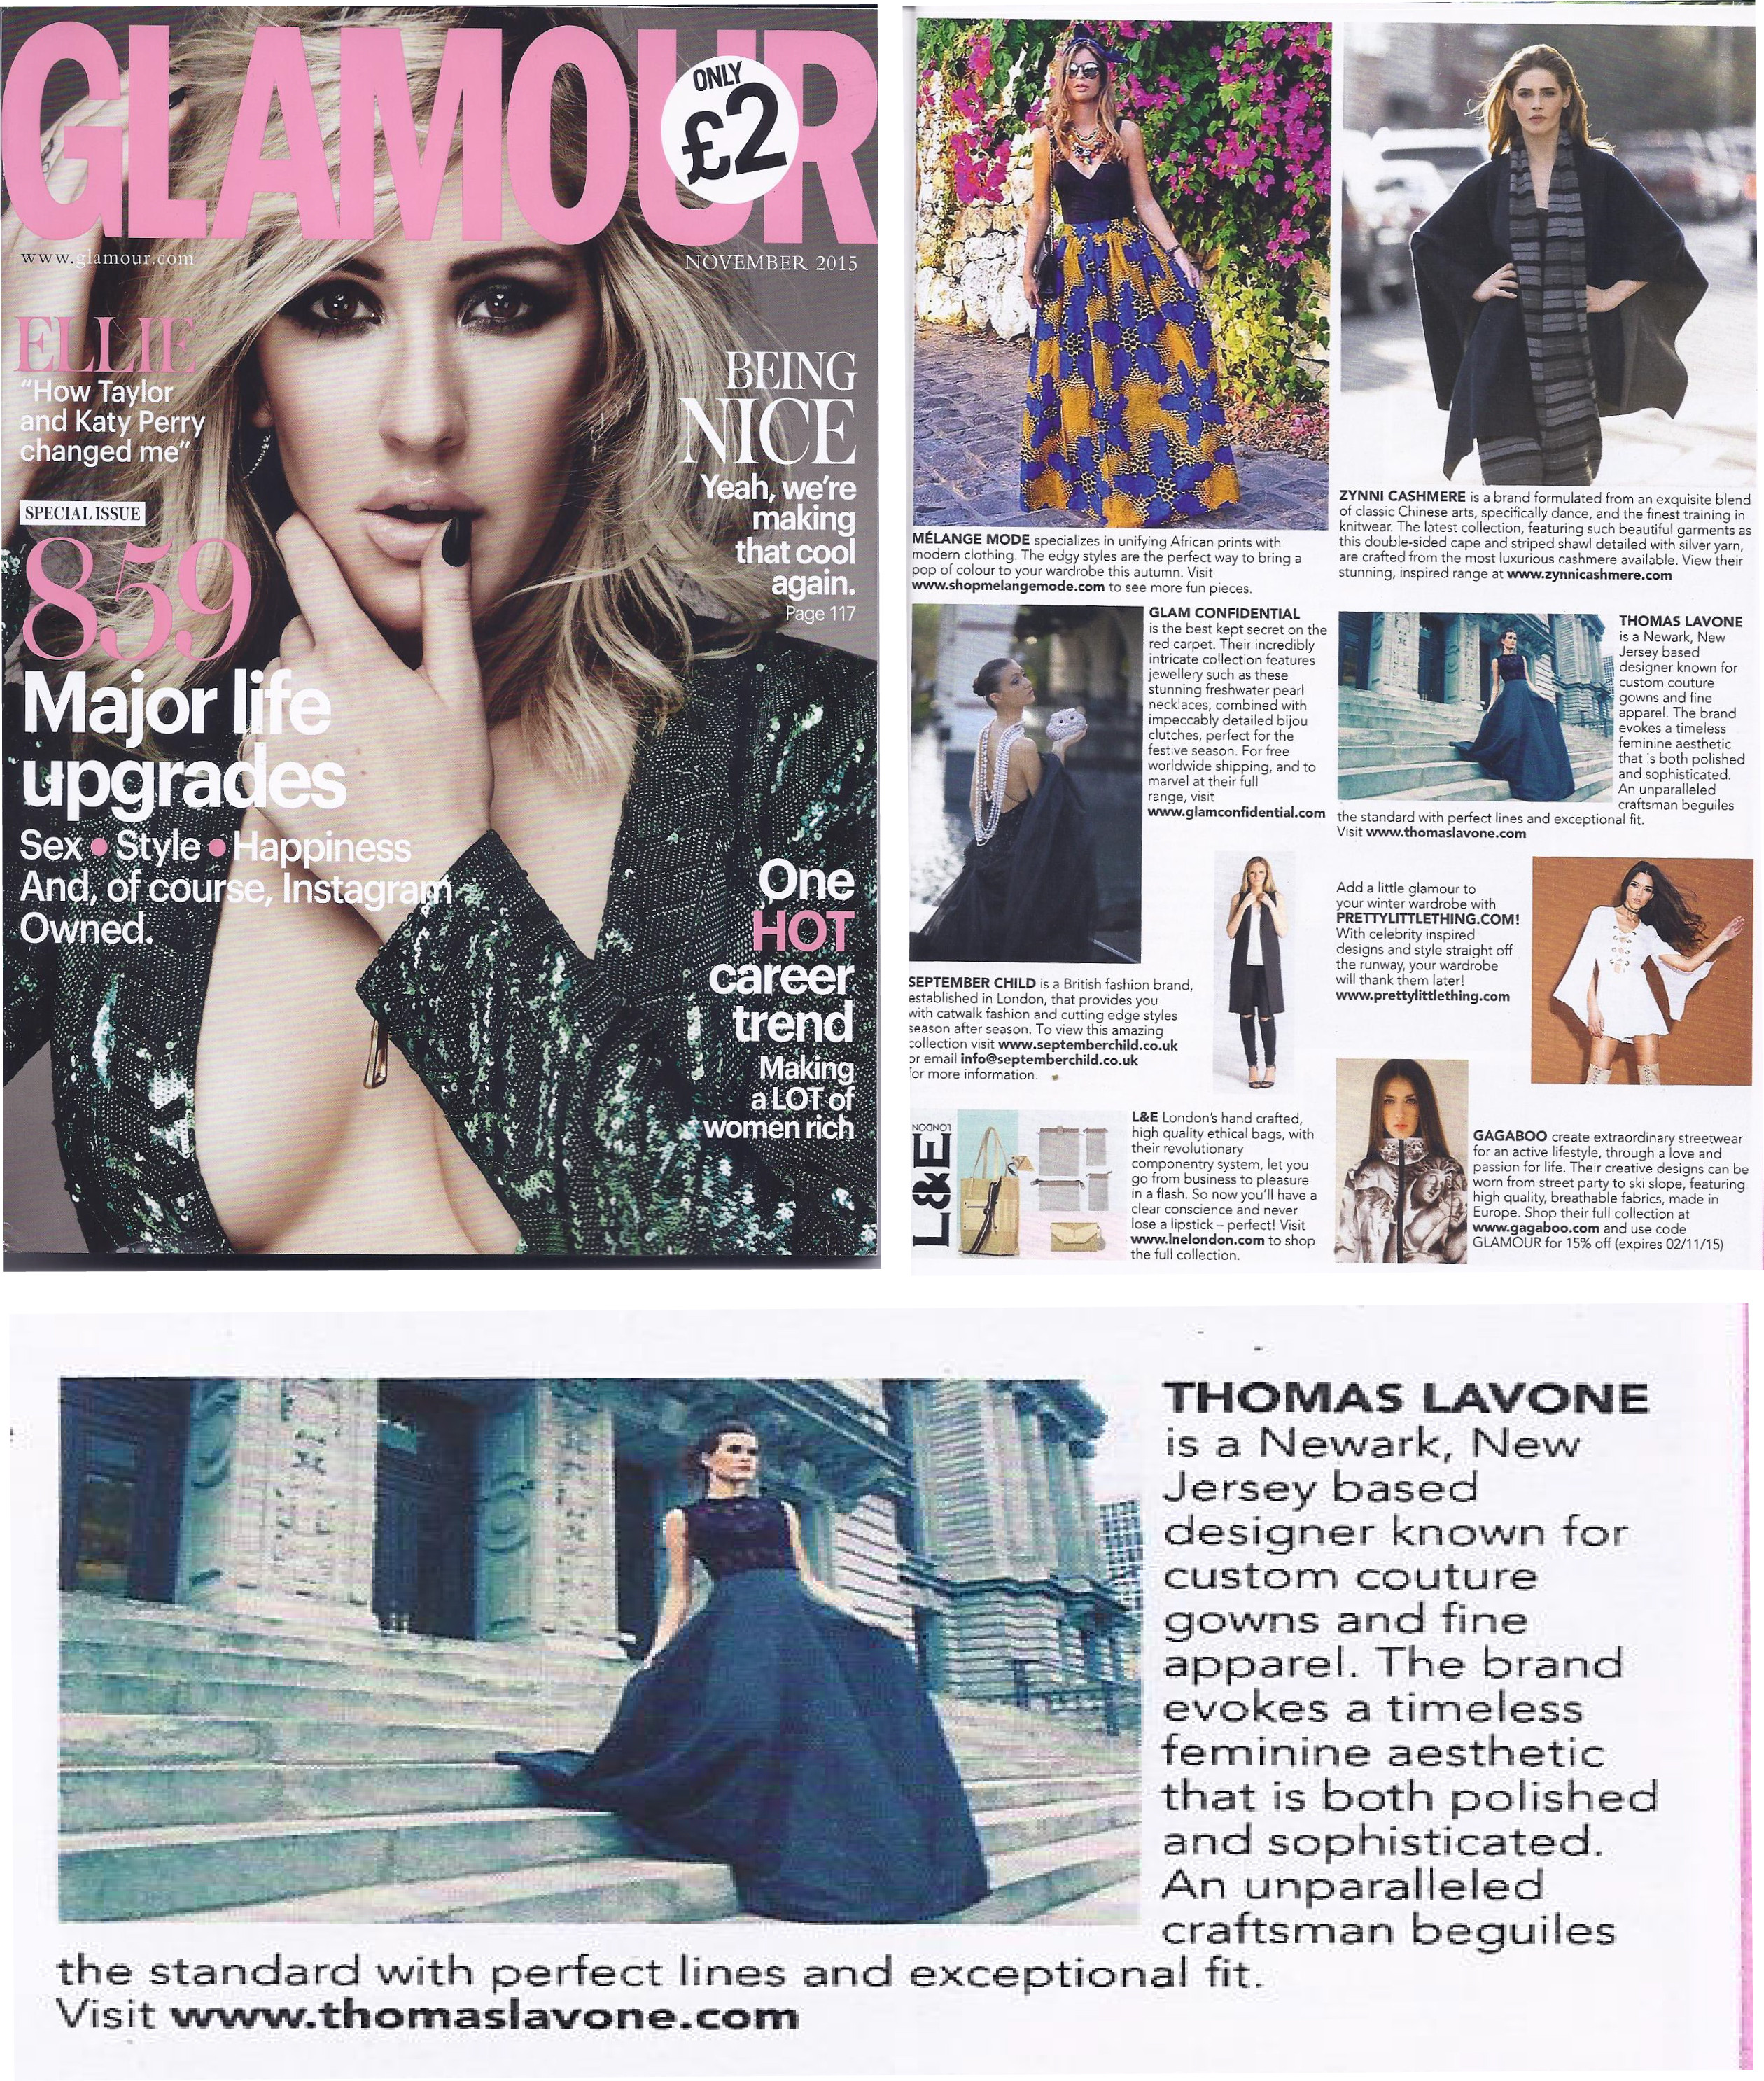 Glamour UK Nov 2015